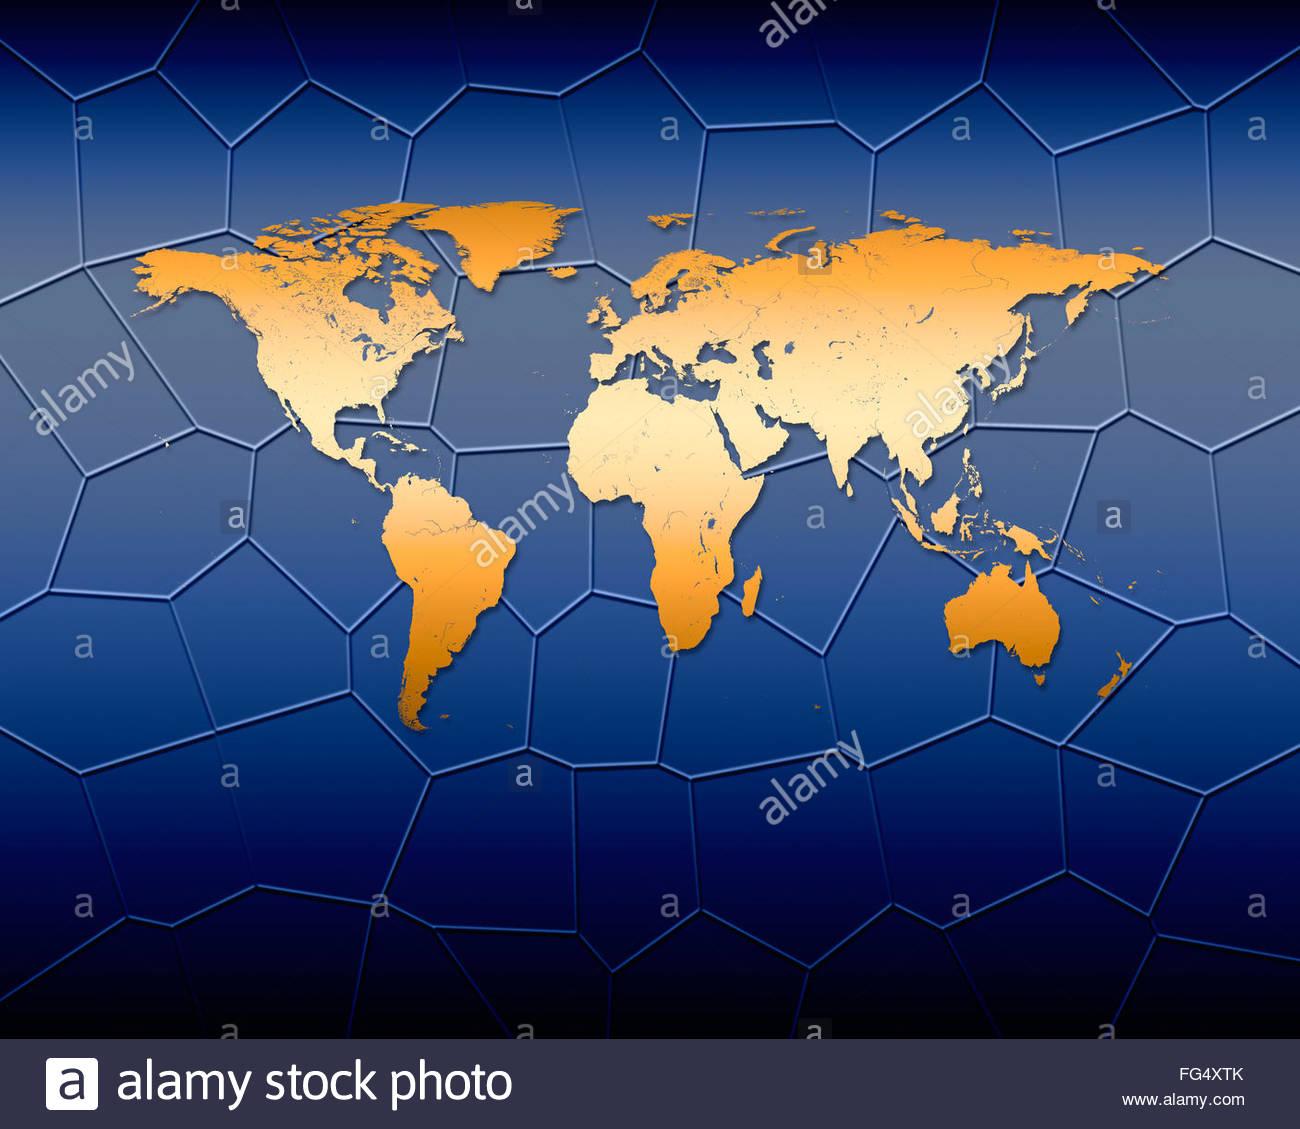 Mappa mondiale global globalizzazione cartografia mappe di tutto il mondo la geografia continente internazionale Immagini Stock